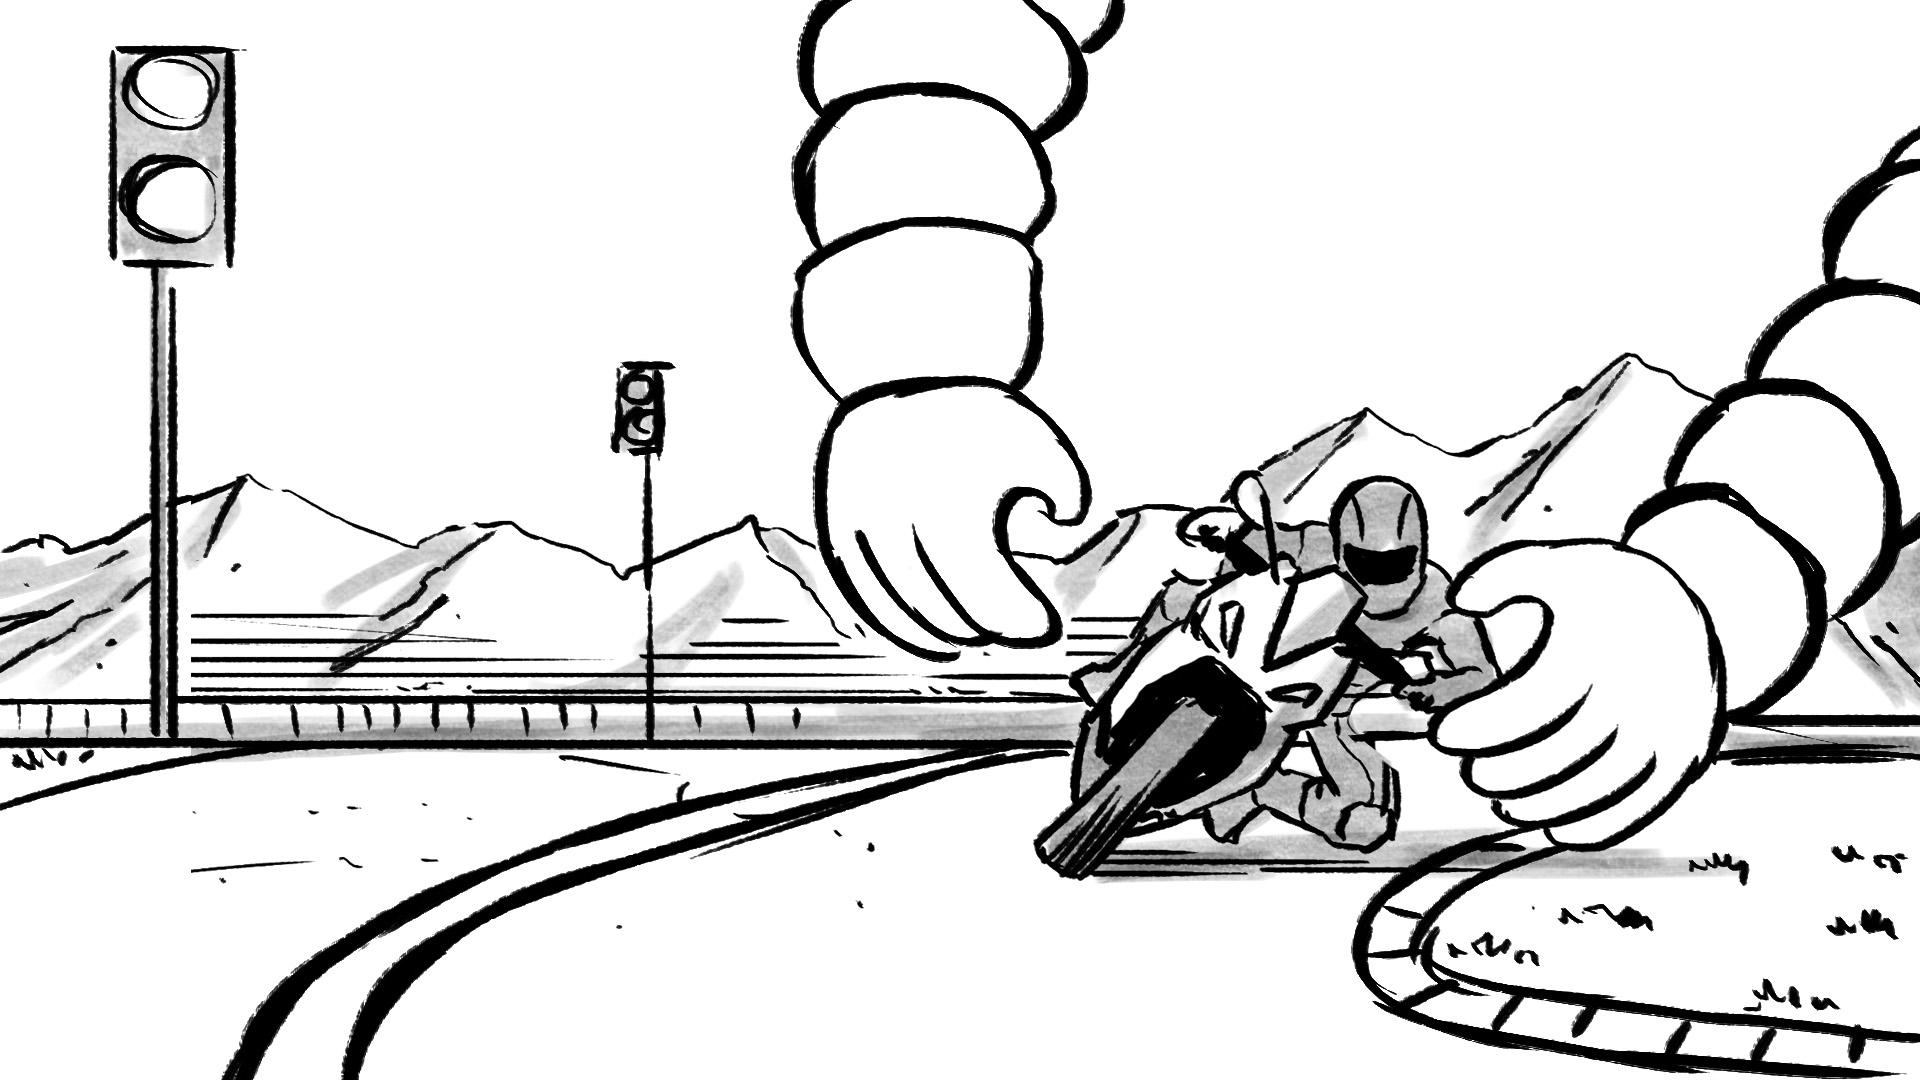 MICHELIN 02_MOTORCYCLE_V2.jpg